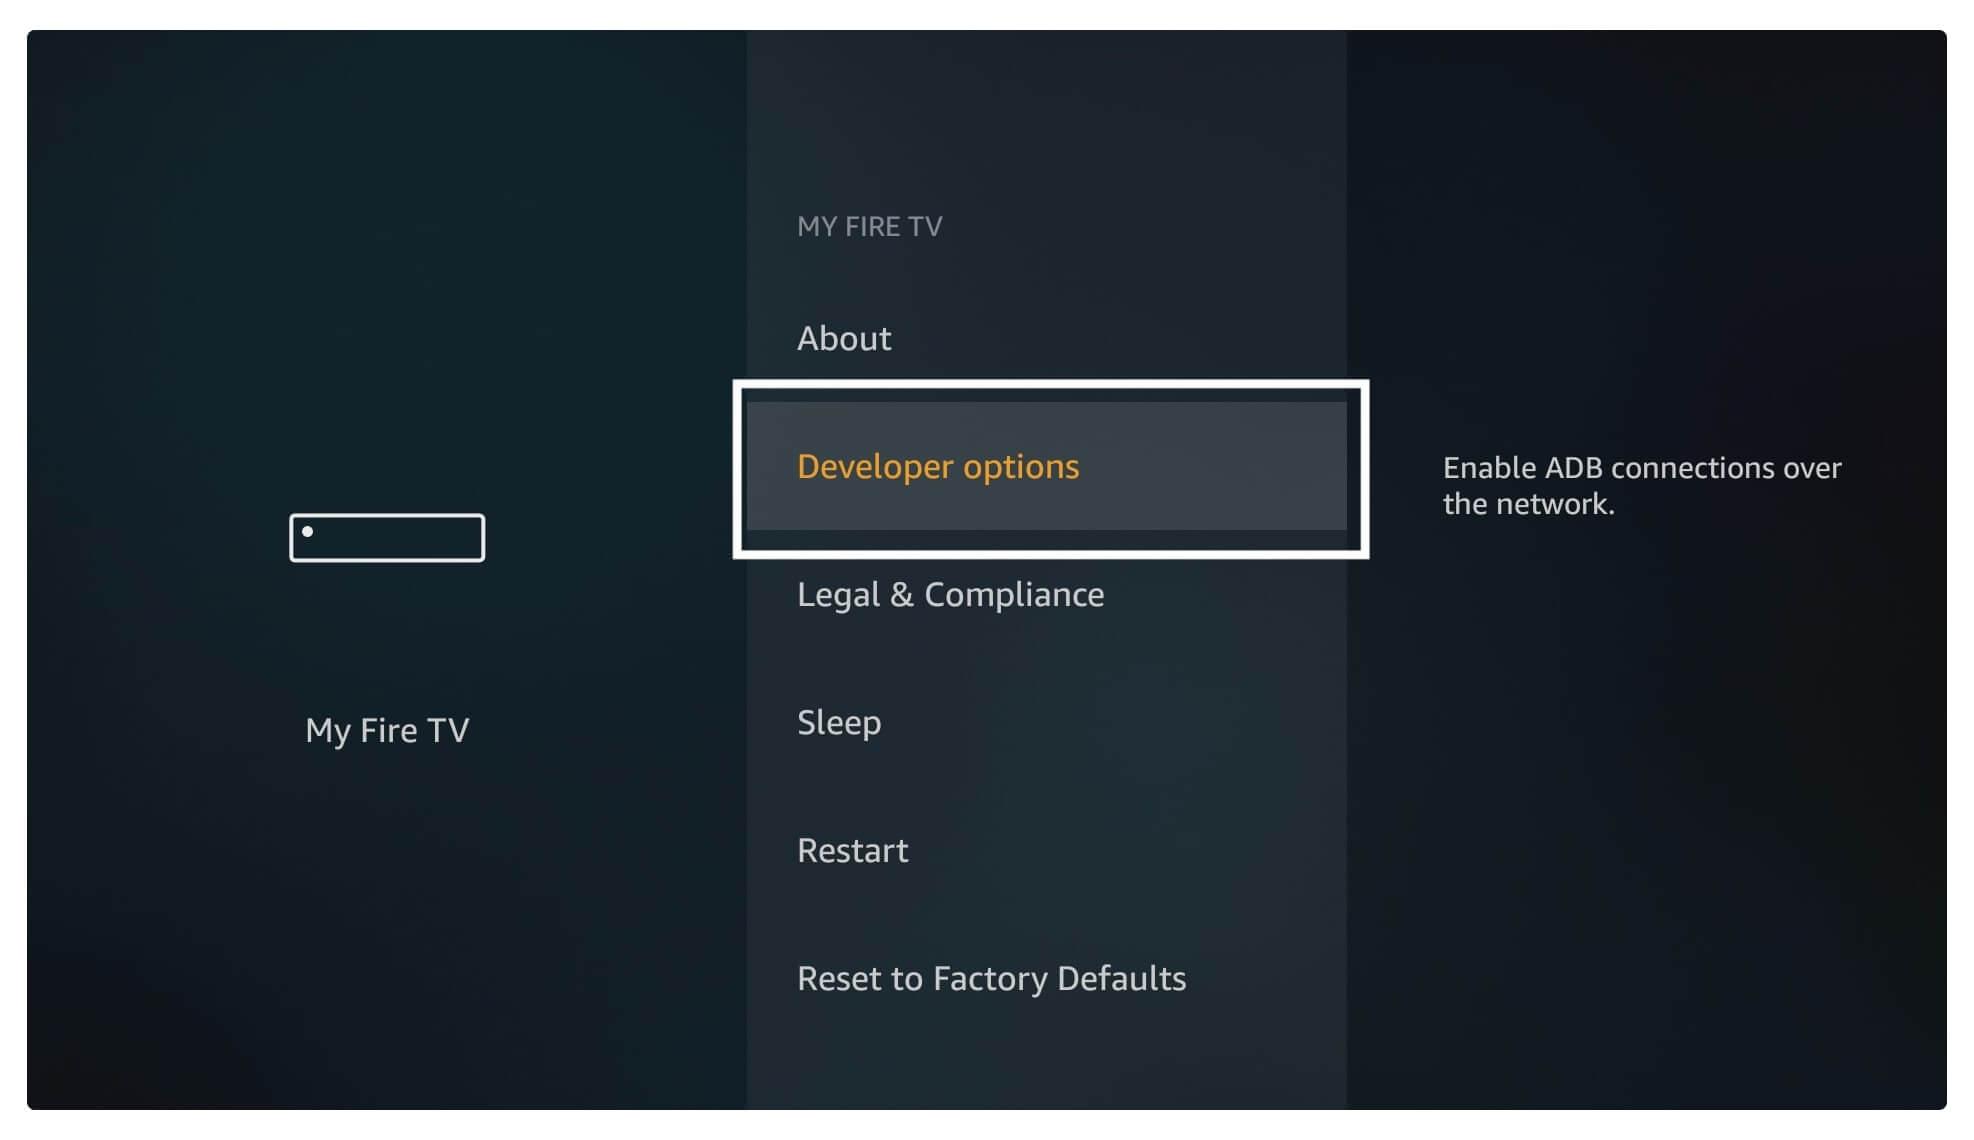 Kodi-Media-Player-for-firestick